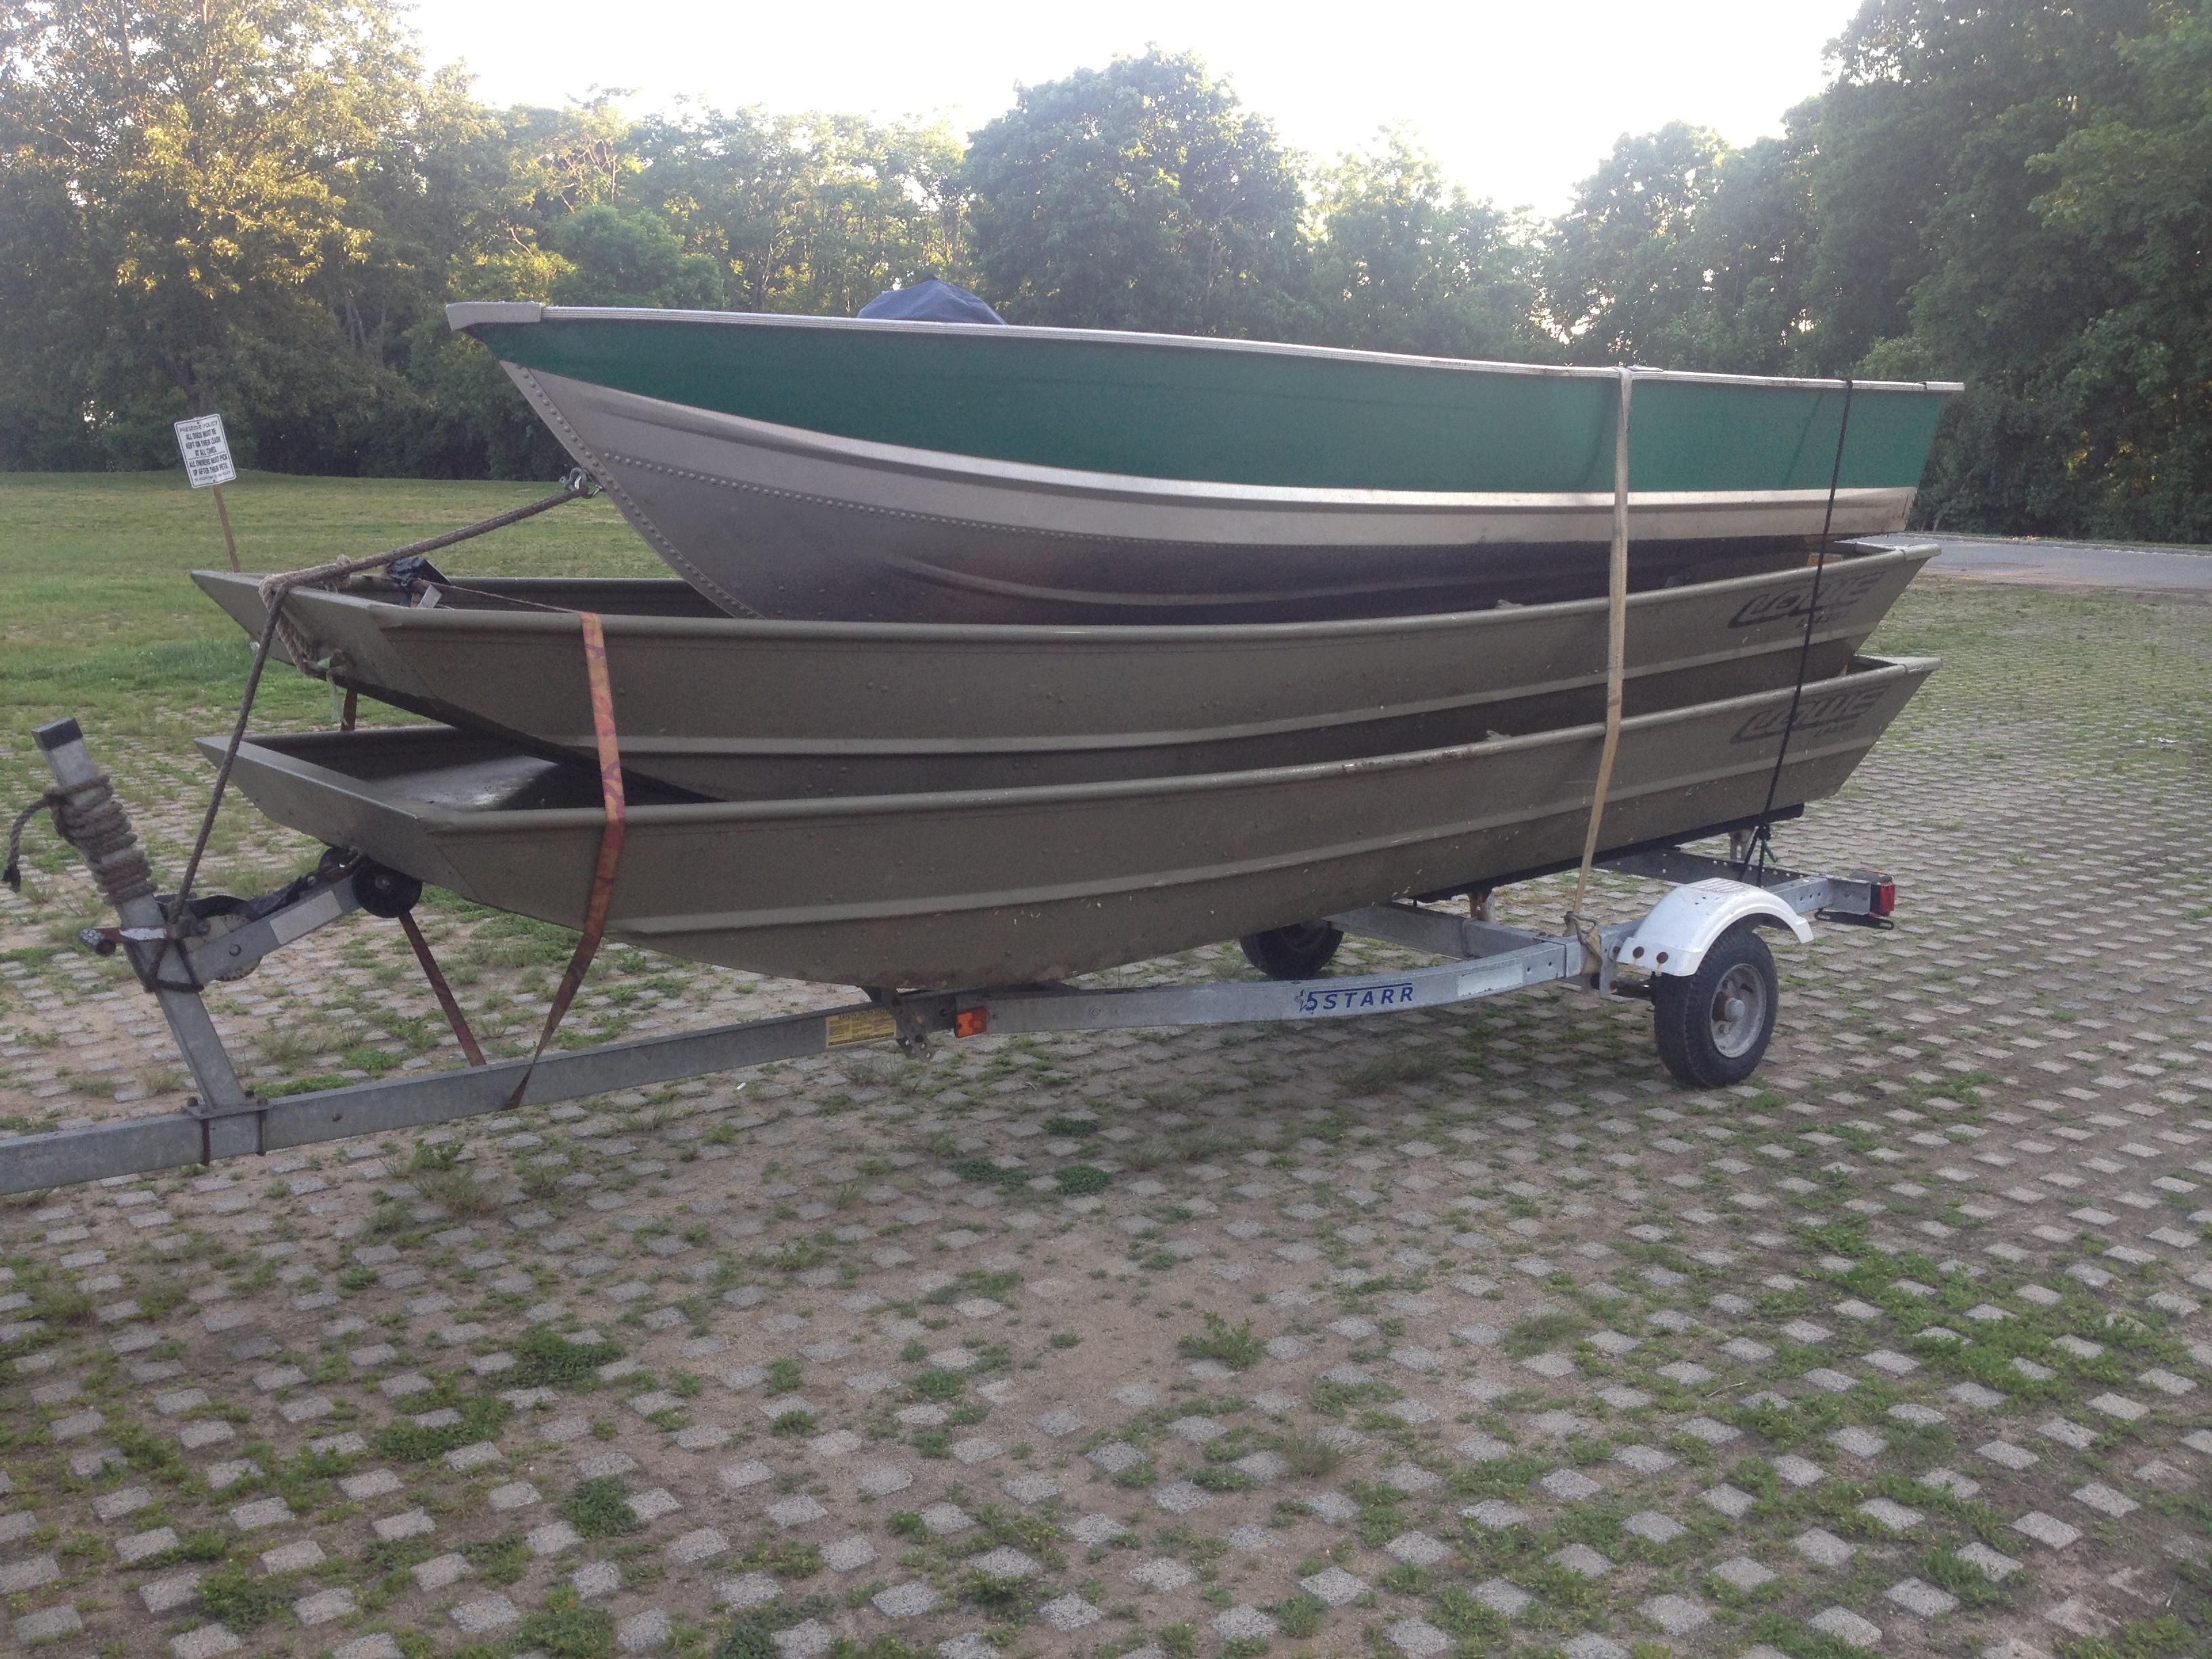 John Boat/12.5 Row Boat